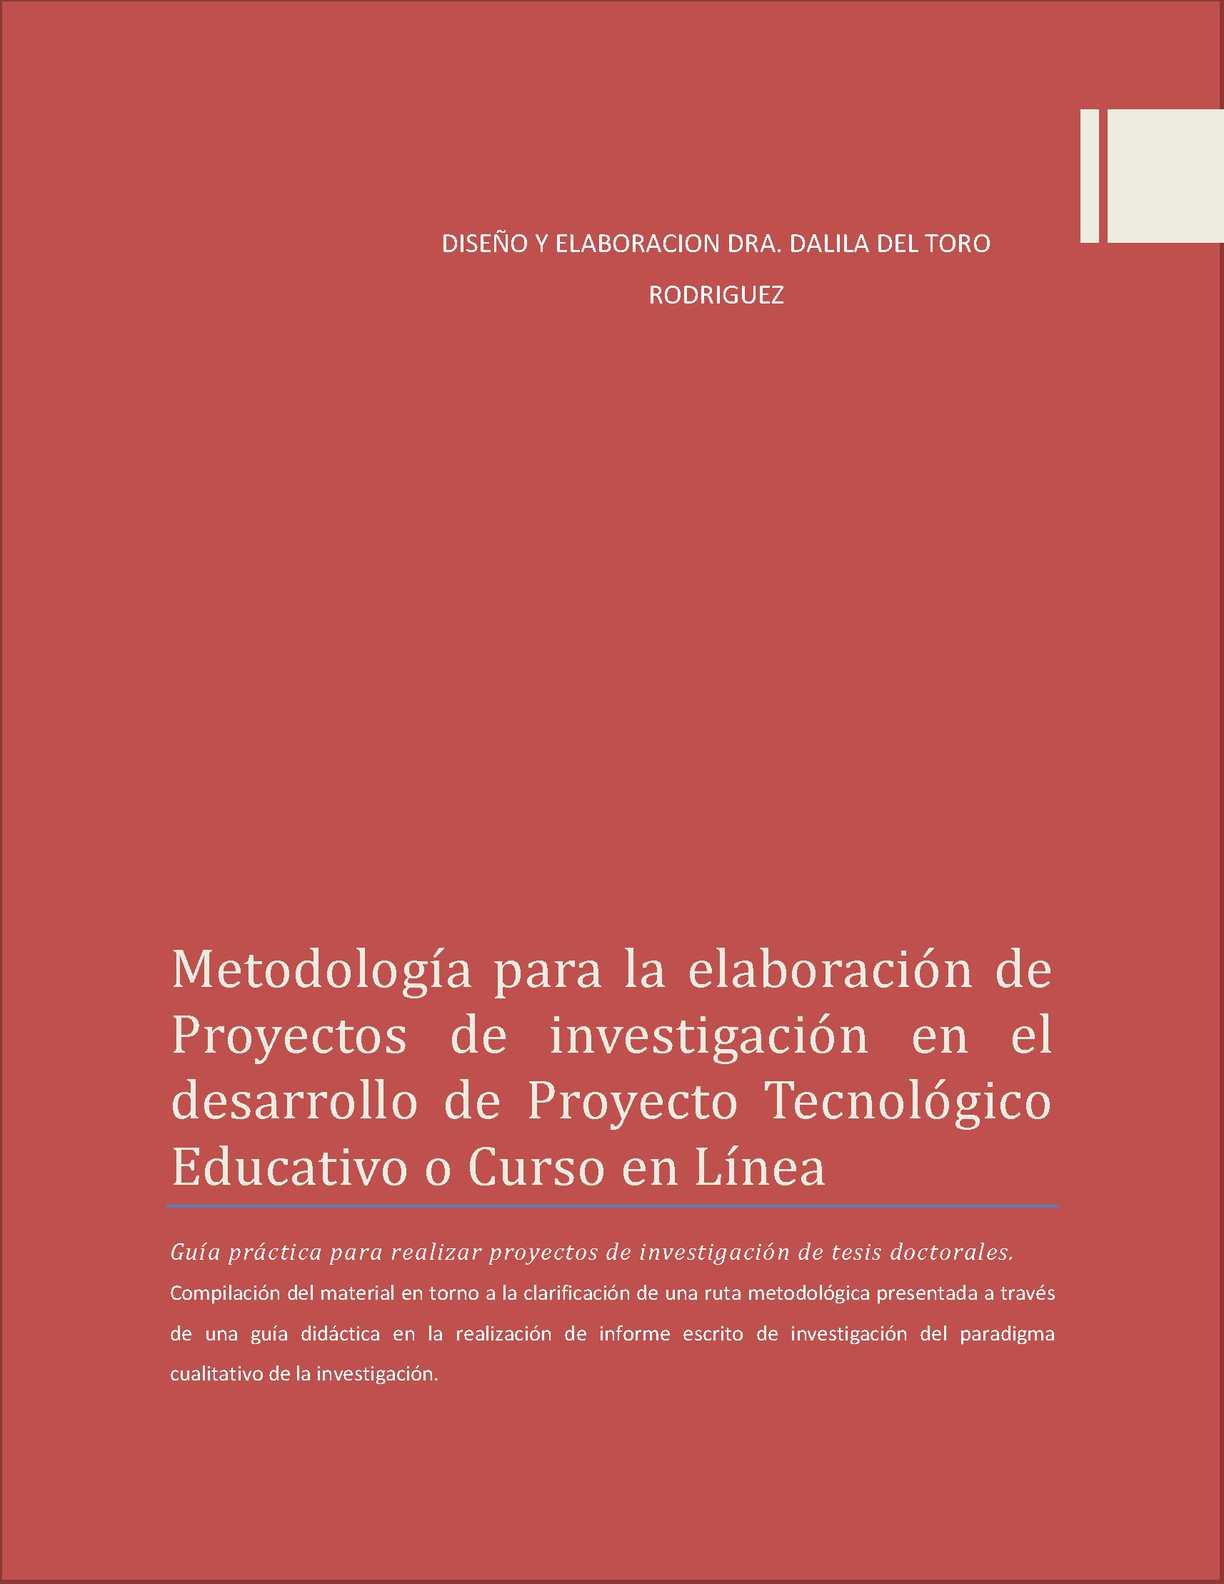 Calaméo - GUIA PRÁCTICA PARA ELABORAR PRODUCTO DE PROYECTO TECNOLÓGICO